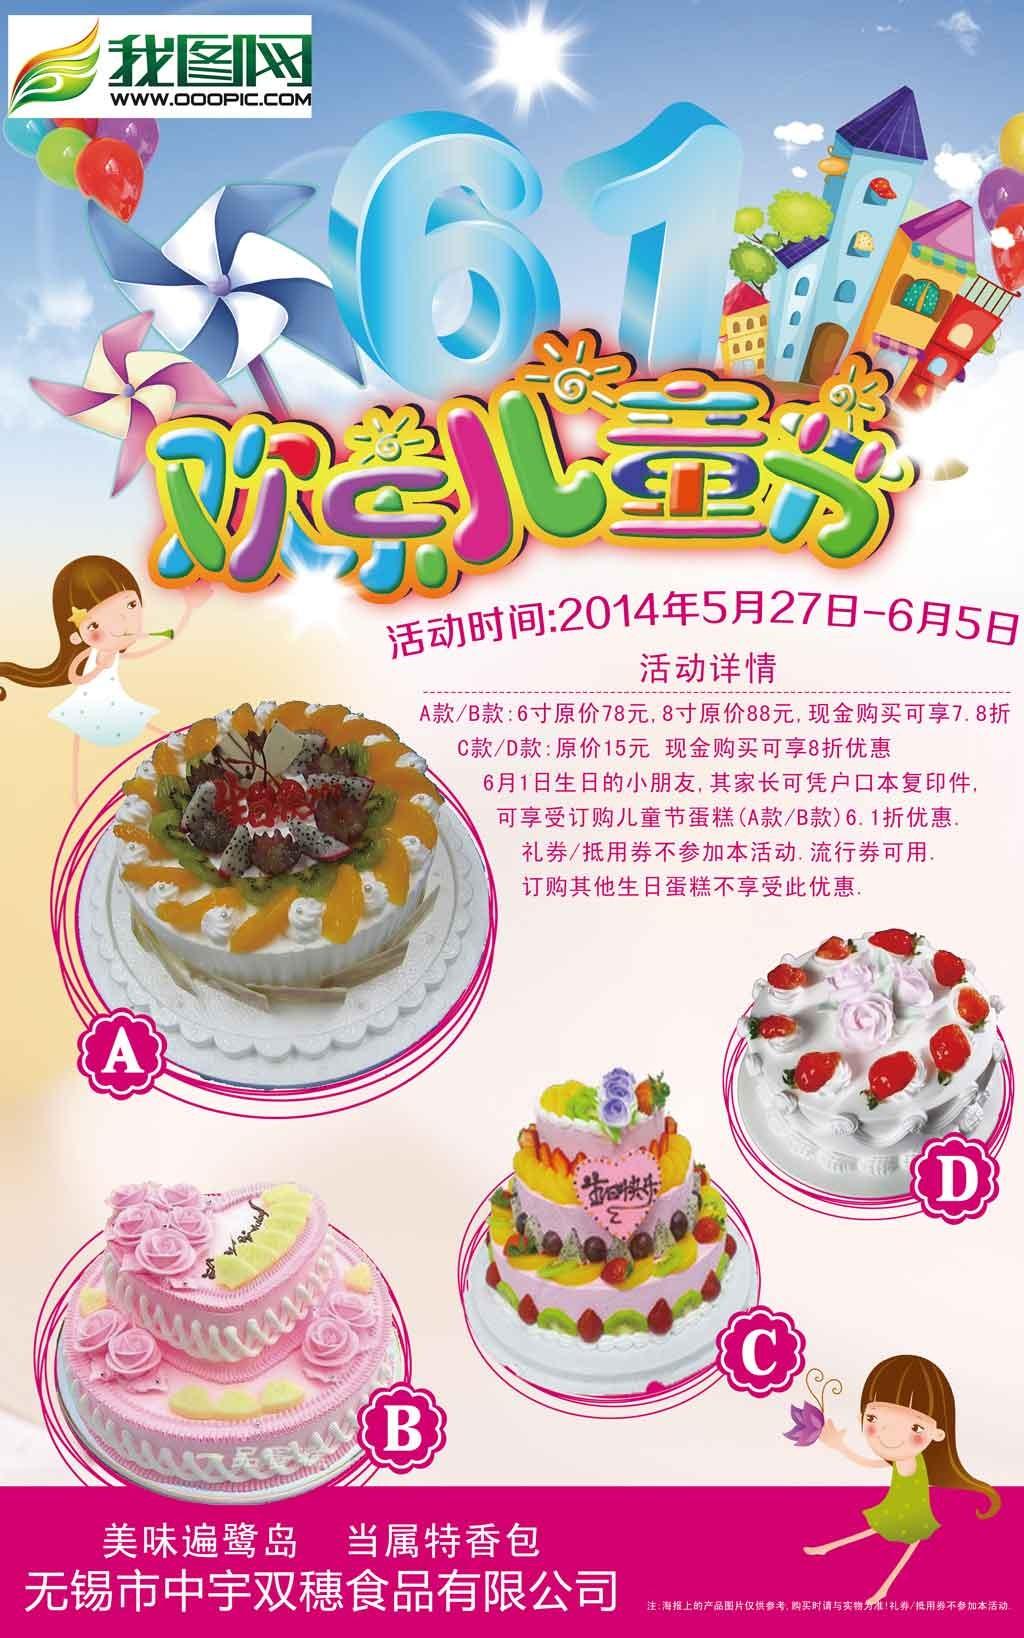 卡通蛋糕海报图